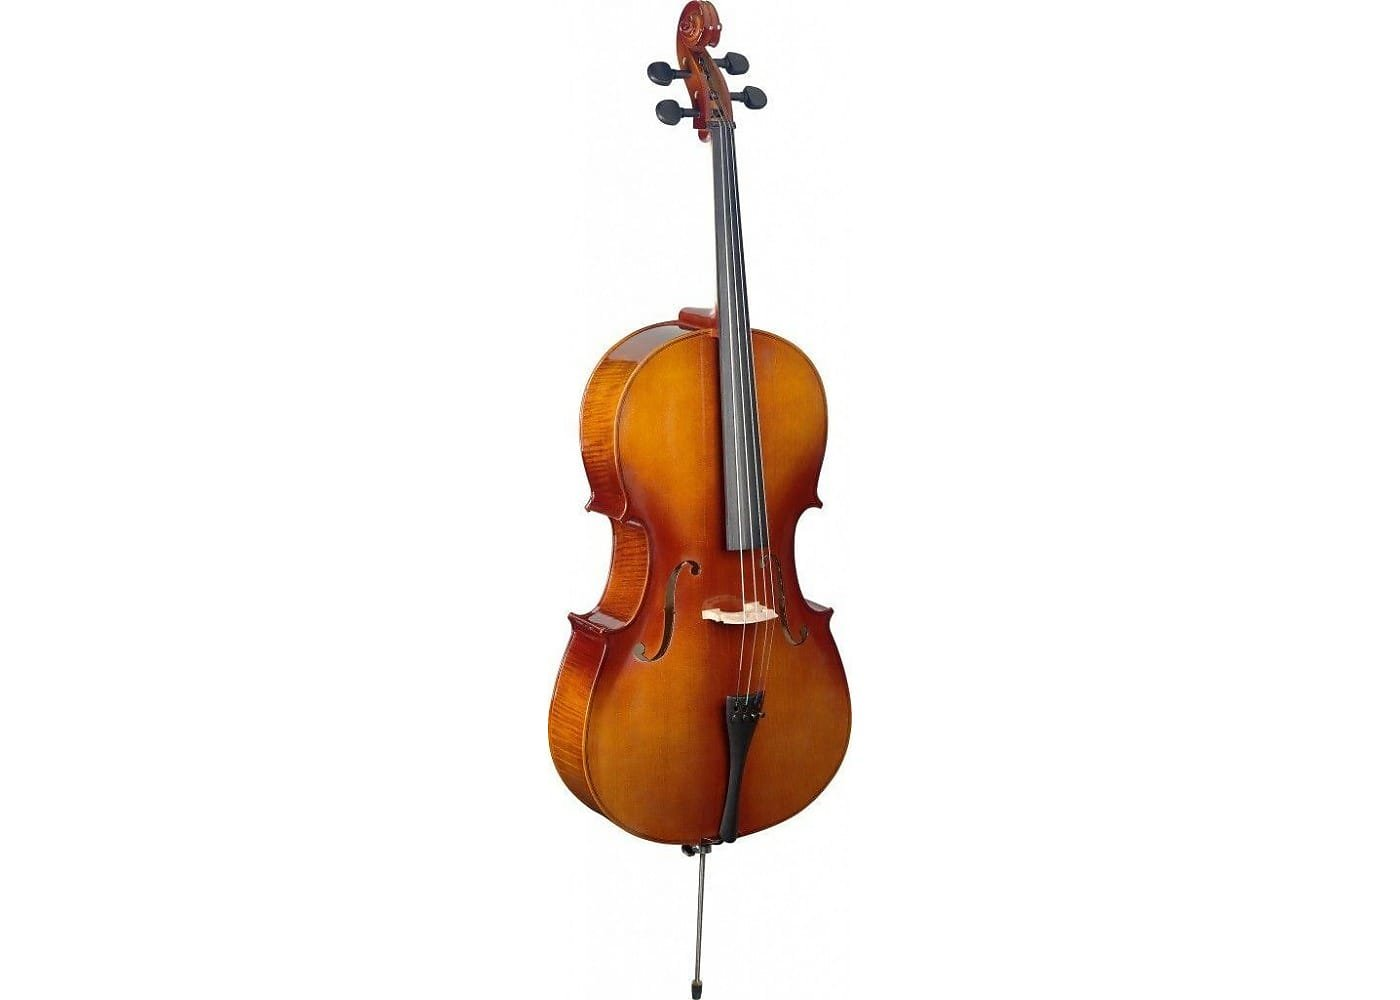 Sandner 206 4/4 Cello